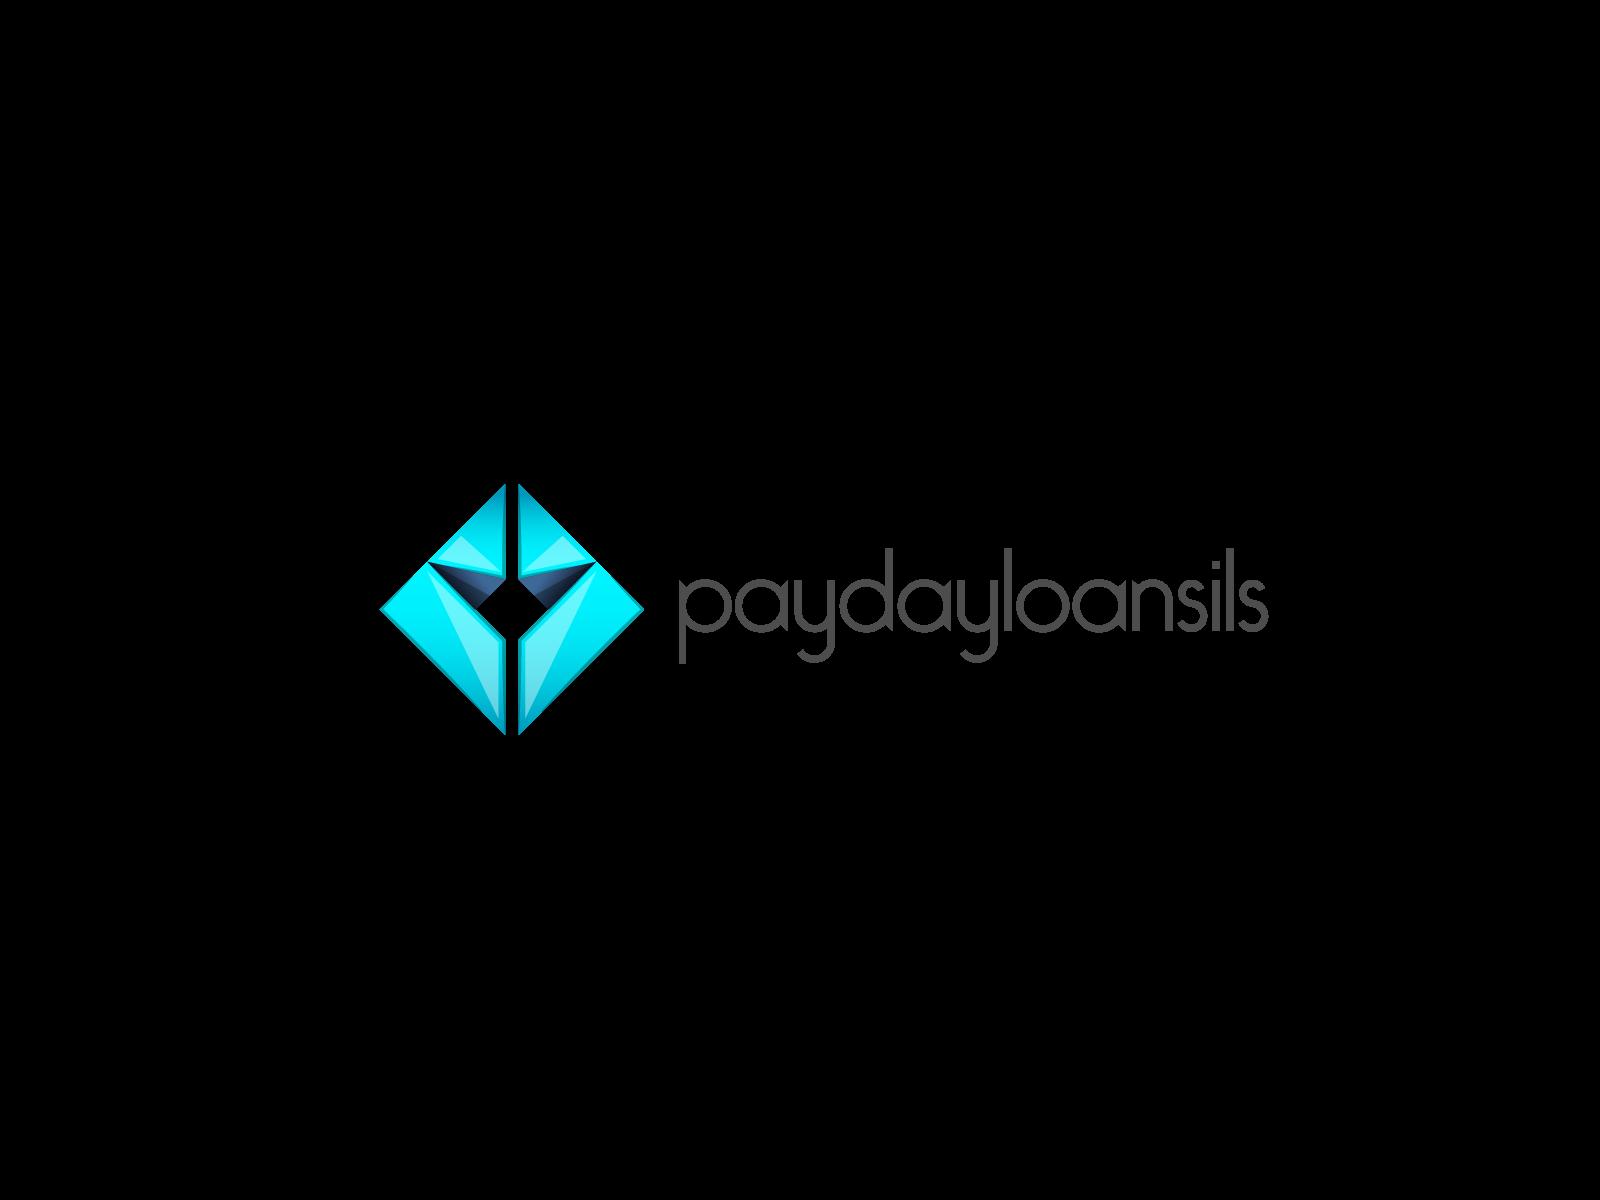 paydayloansils 4